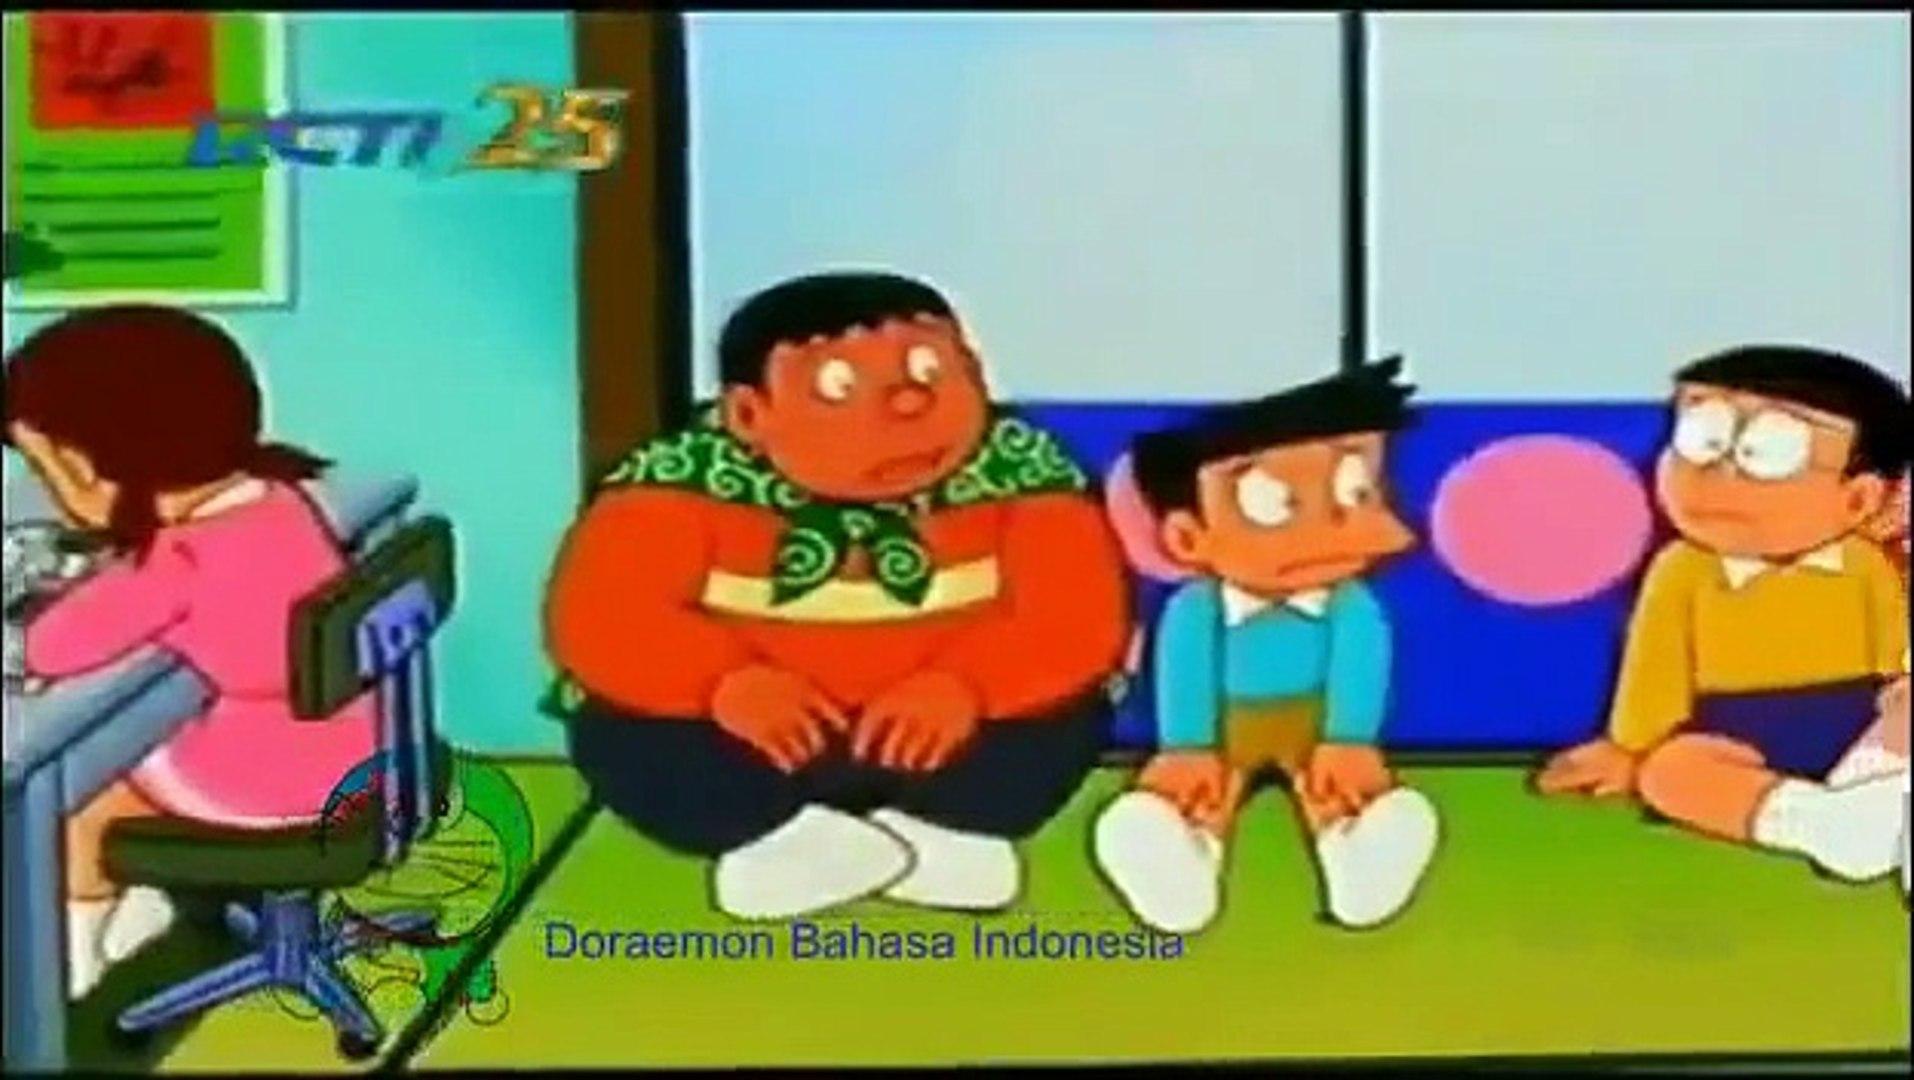 Doraemon Bahasa Indonesia Lift Membuat Apartement Tinggi